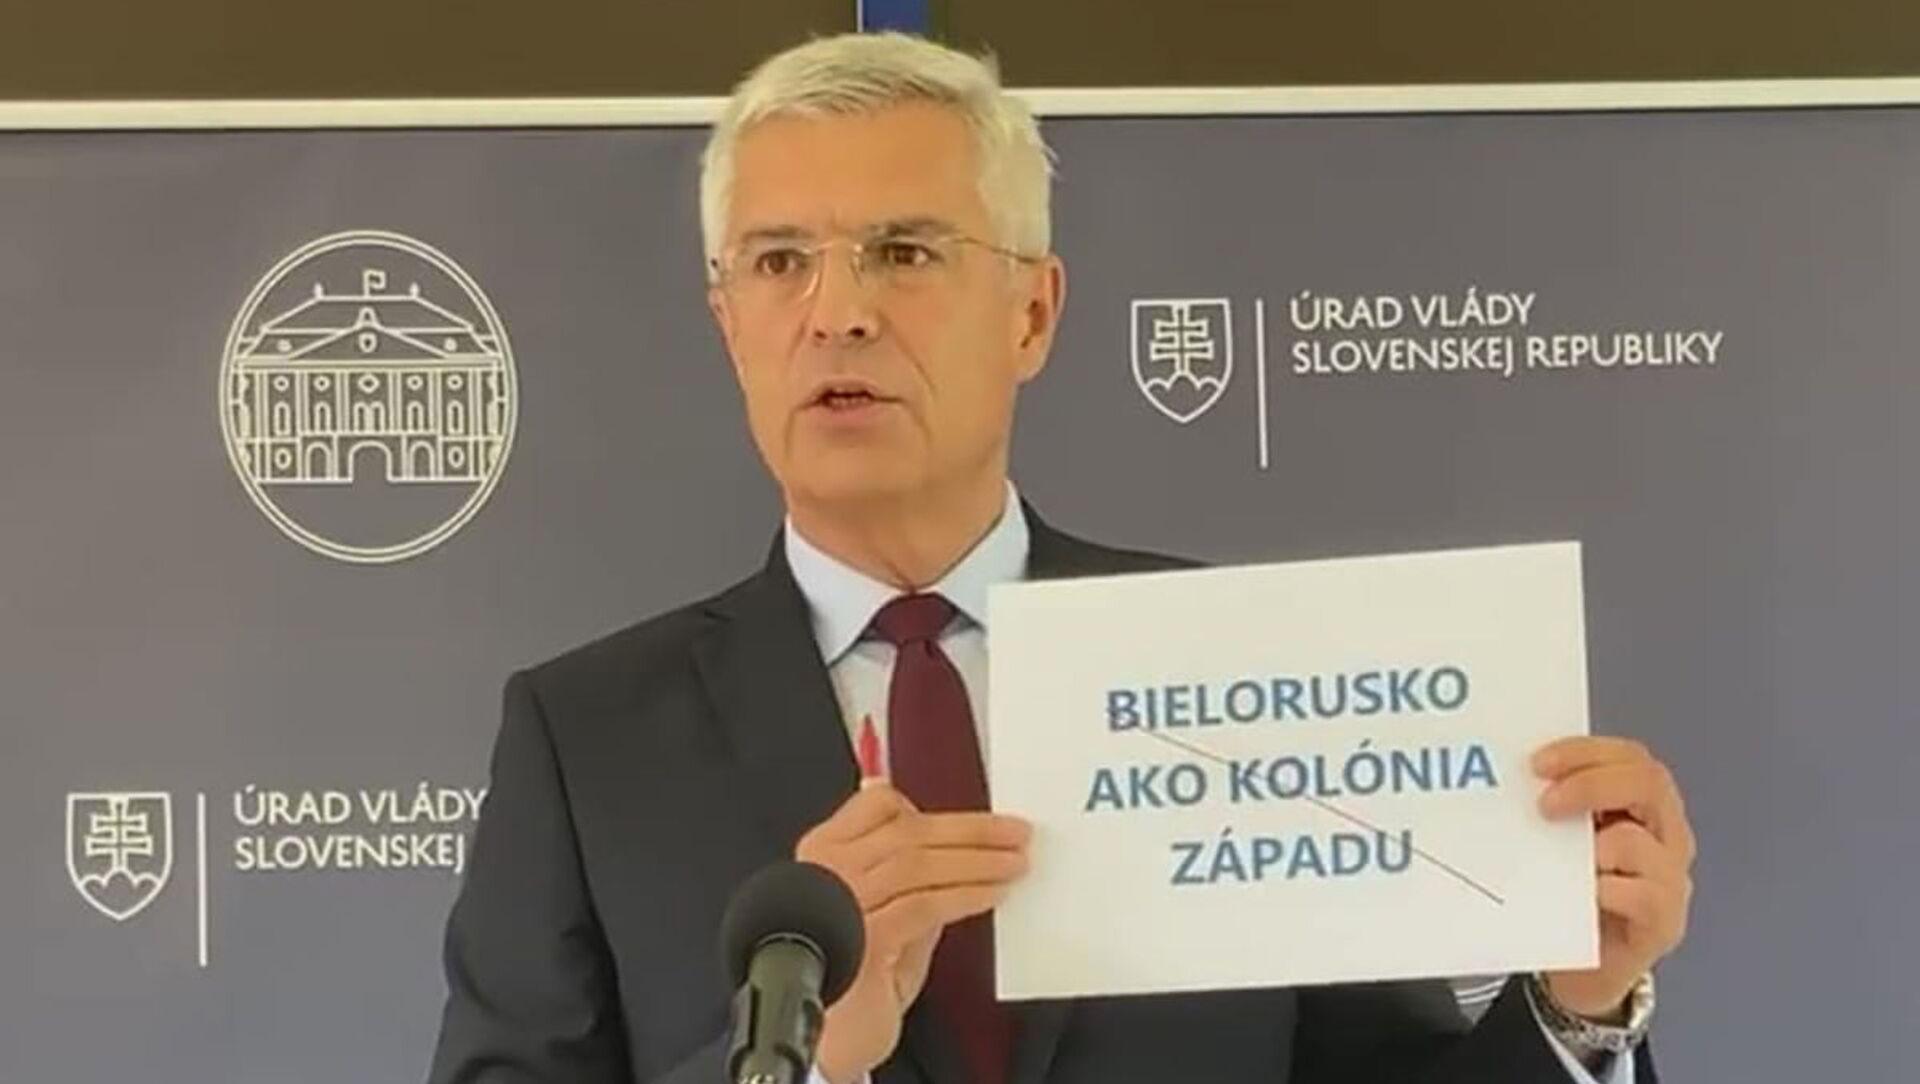 Slovenský ministr zahraničí Ivan Korčok - Sputnik Česká republika, 1920, 13.02.2021